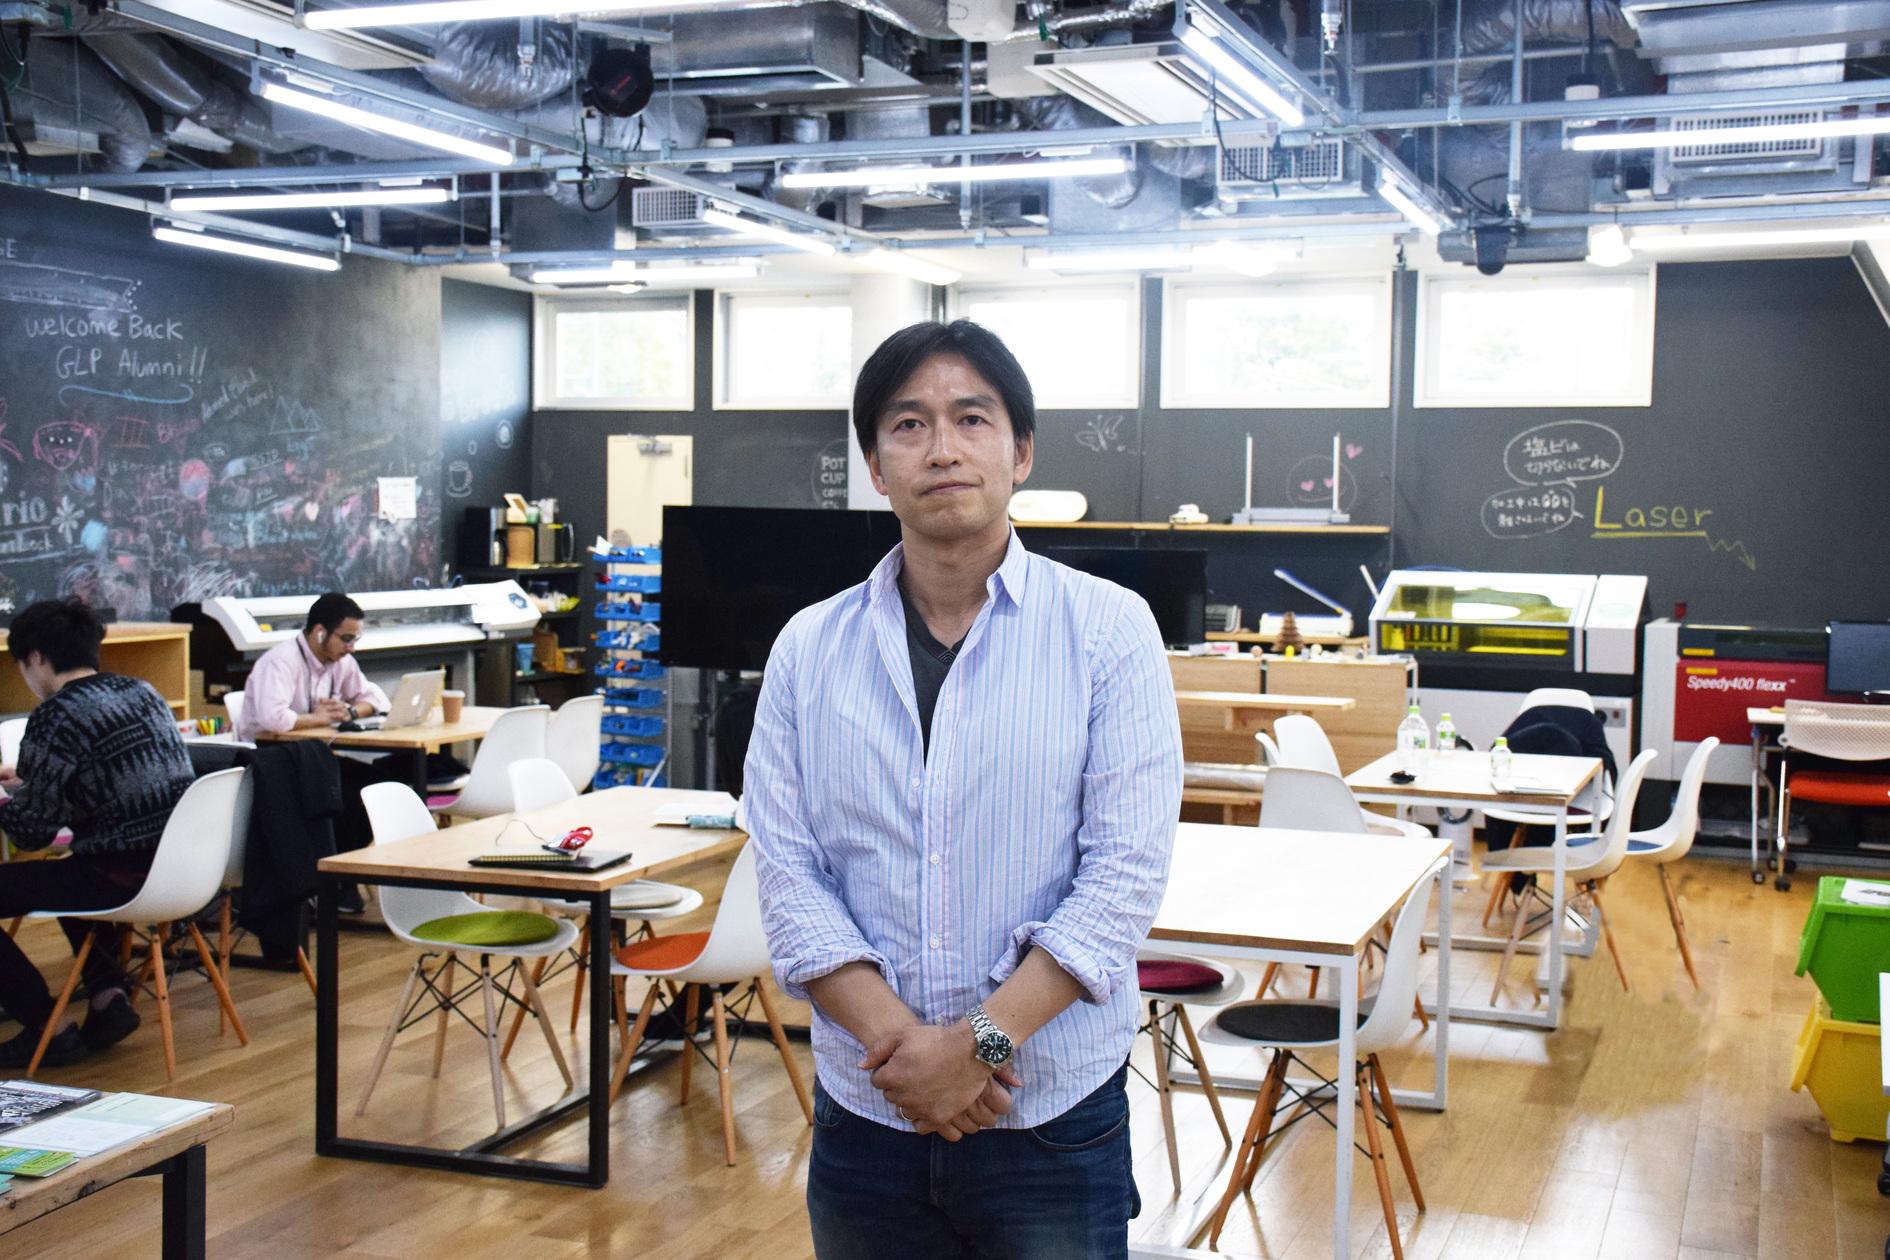 """「目指しているのはライフスタイルの変革」——ソニーの新コンセプト""""Life Space UX""""責任者 斉藤氏インタビュー"""